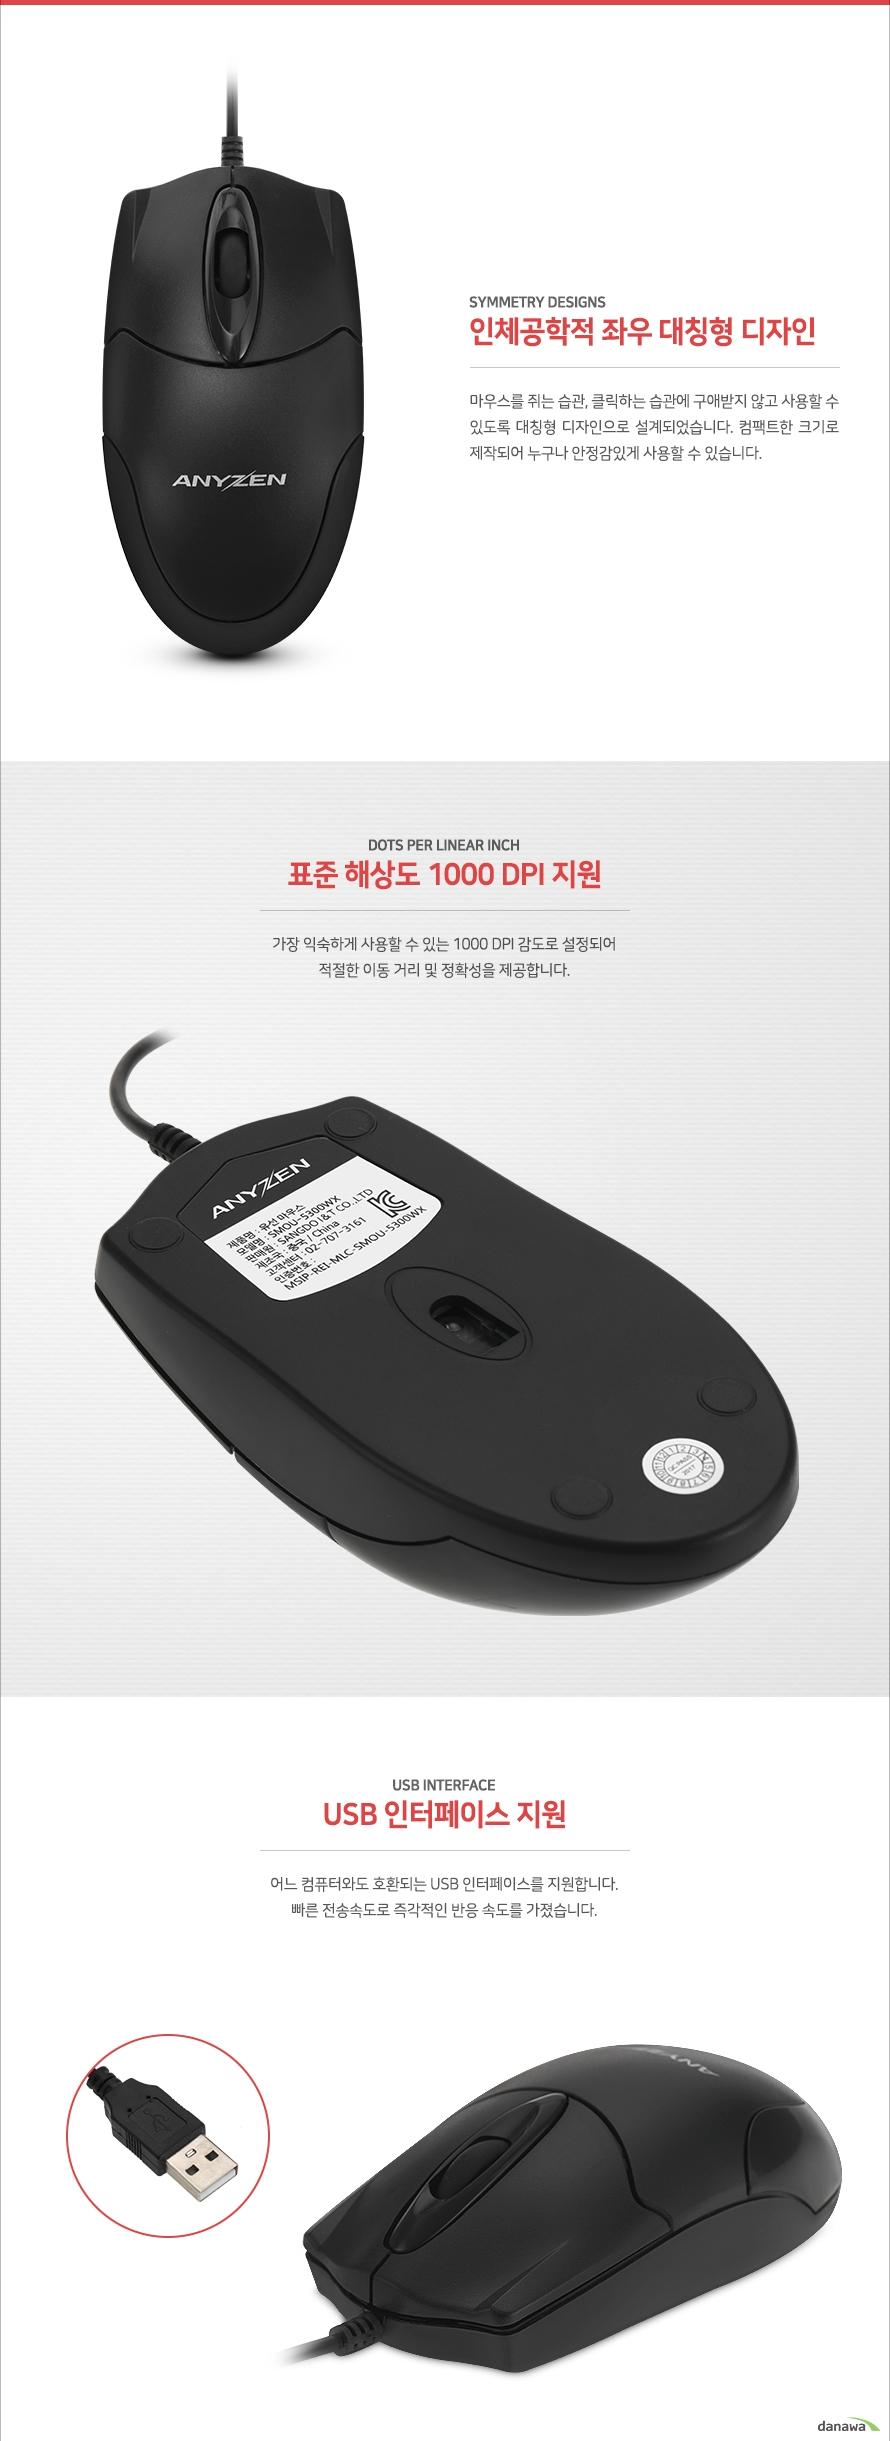 인체공학적 좌우 대칭형 디자인마우스를 쥐는 습관, 클릭하는 습관에 구애받지 않고 사용할 수 있도록 대칭형 디자인으로 설계되었습니다. 컴팩트한 크기로 제작되어 누구나 안정감있게 사용할 수 있습니다.표준 해상도 1000 DPI 지원가장 익숙하게 사용할 수 있는 1000 DPI 감도로 설정되어적절한 이동 거리 및 정확성을 제공합니다.USB 인터페이스 지원어느 컴퓨터와도 호환되는 USB 인터페이스를 지원합니다.빠른 전송속도로 즉각적인 반응 속도를 가졌습니다.